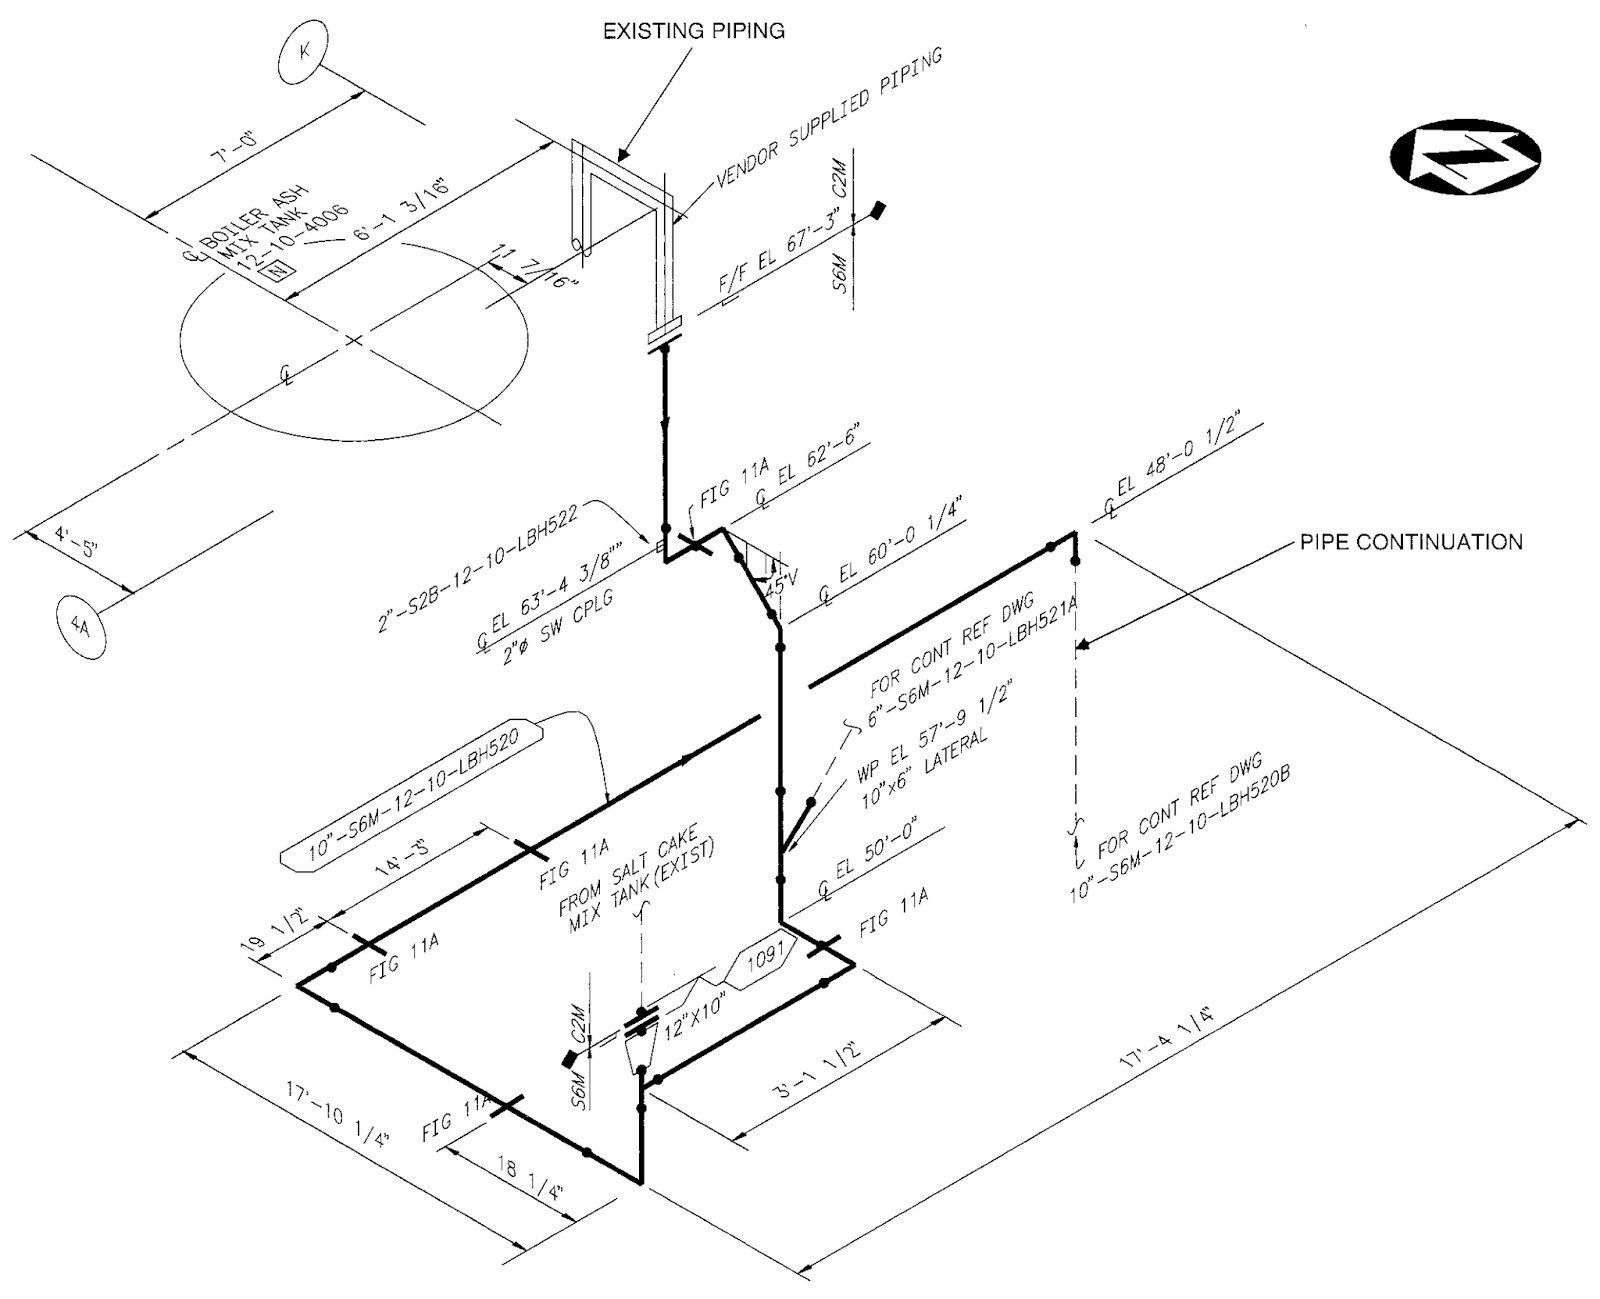 Riser Drawing At Getdrawings